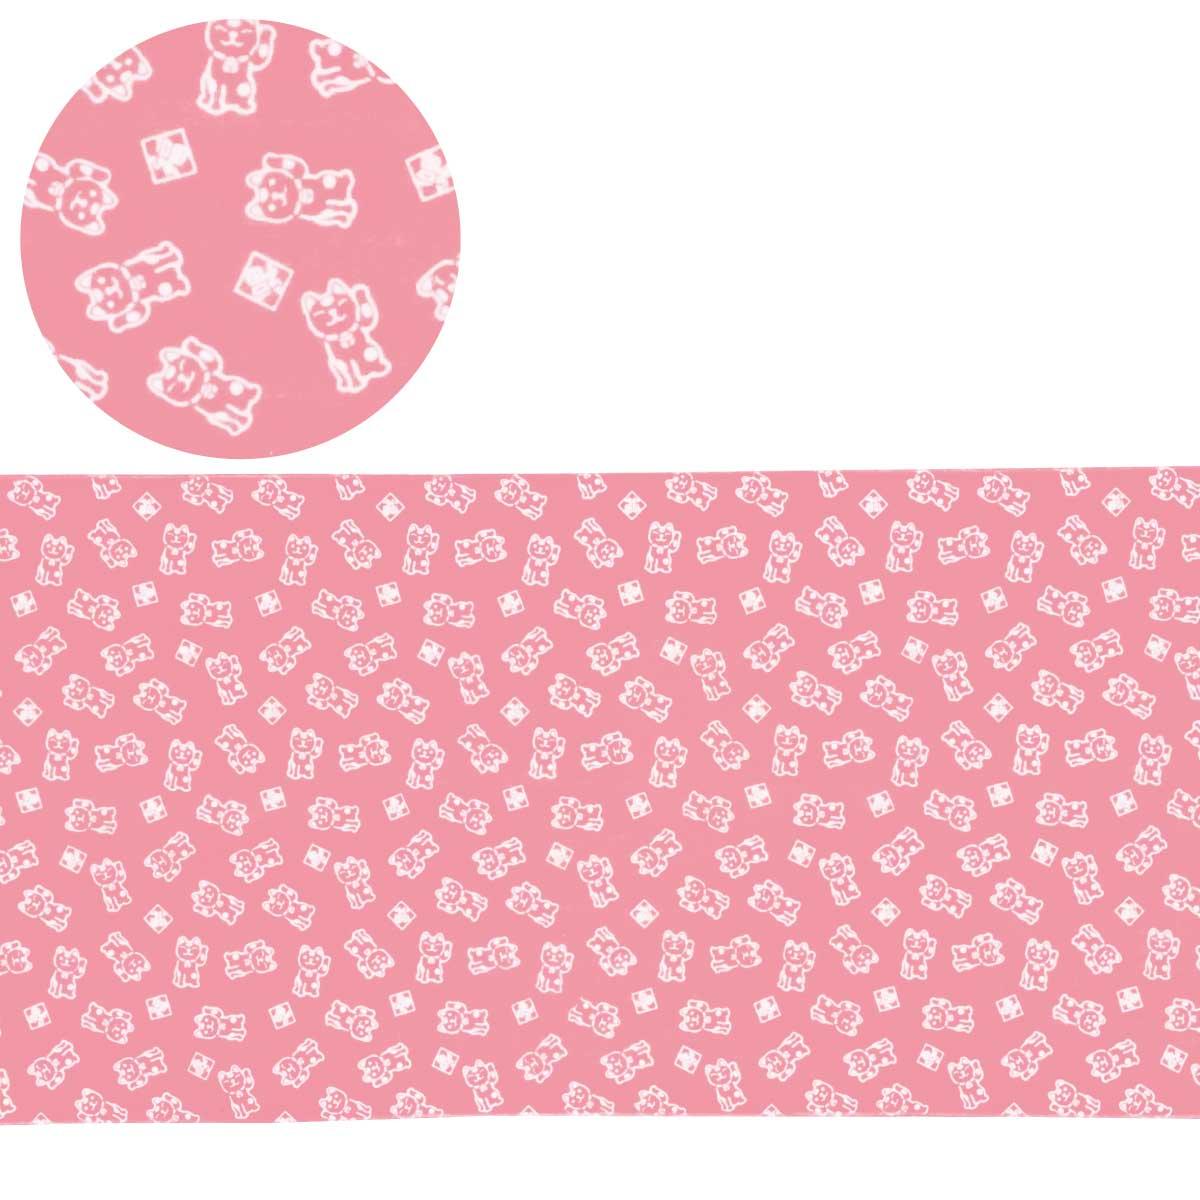 縁起小紋手拭(招き猫) 専用紙巻